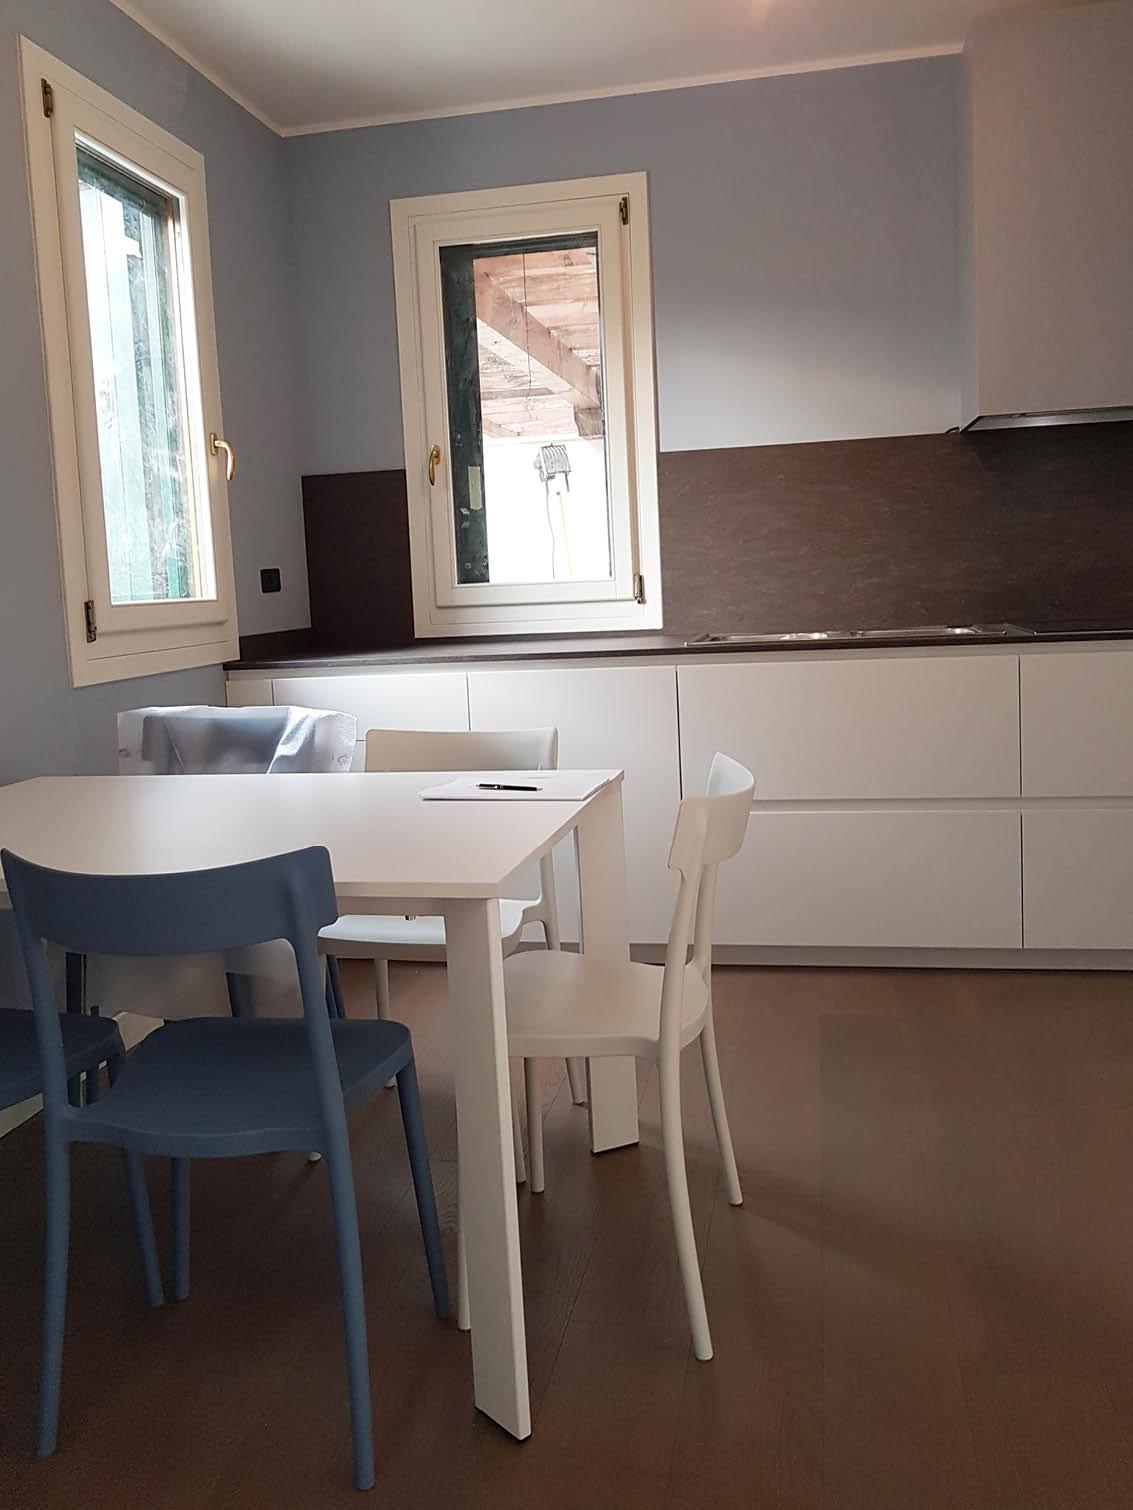 Progetto cucina angolare davanzo l 39 officiel - Progetto cucina angolare ...